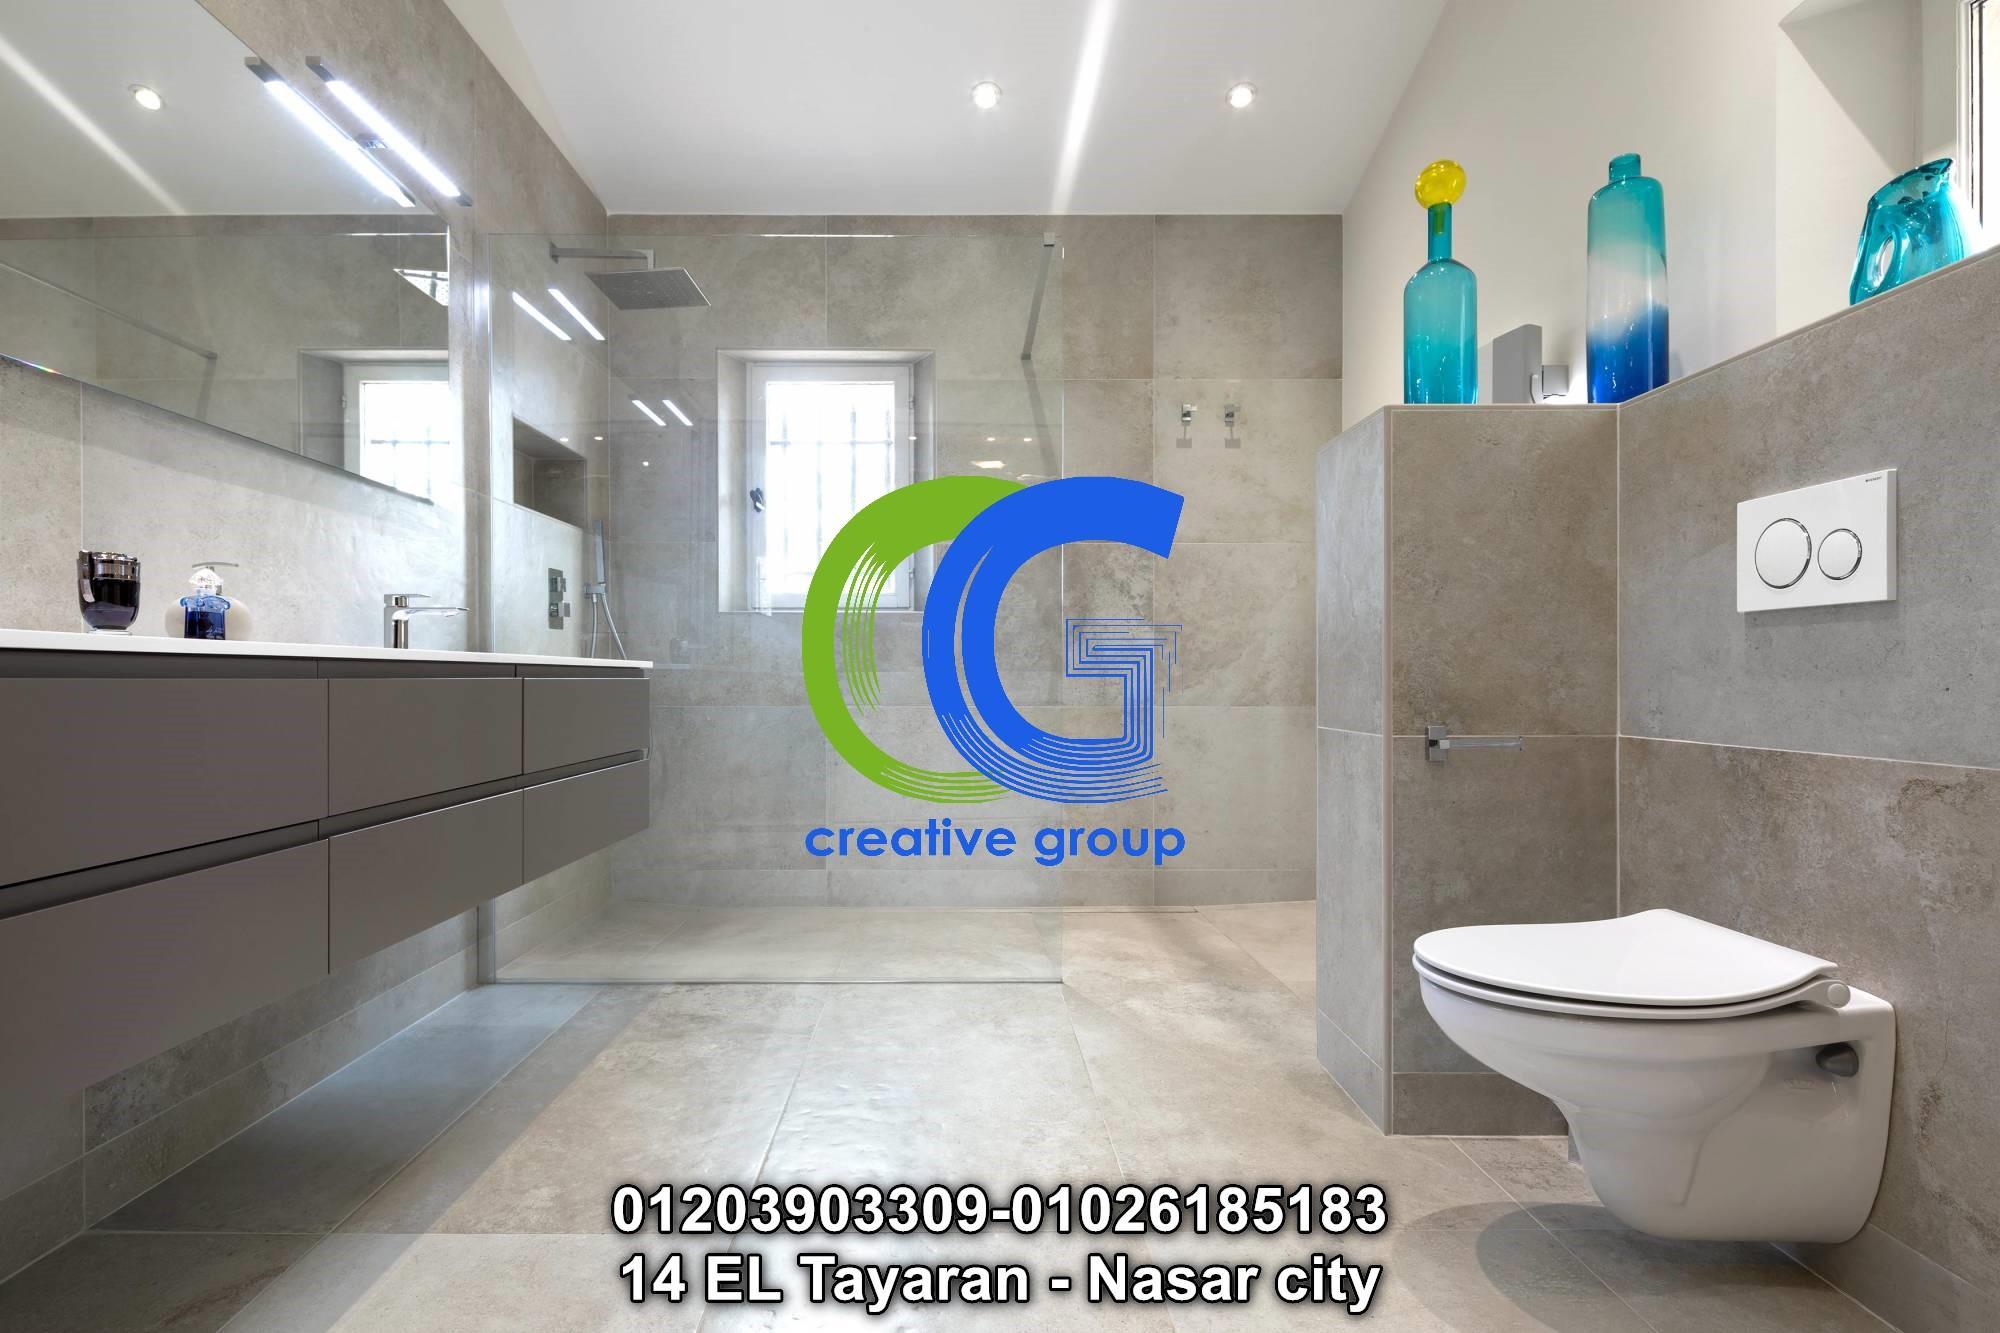 معرض وحدات حمام جلوسى ماكس – كرياتف جروب – 01203903309  667015475